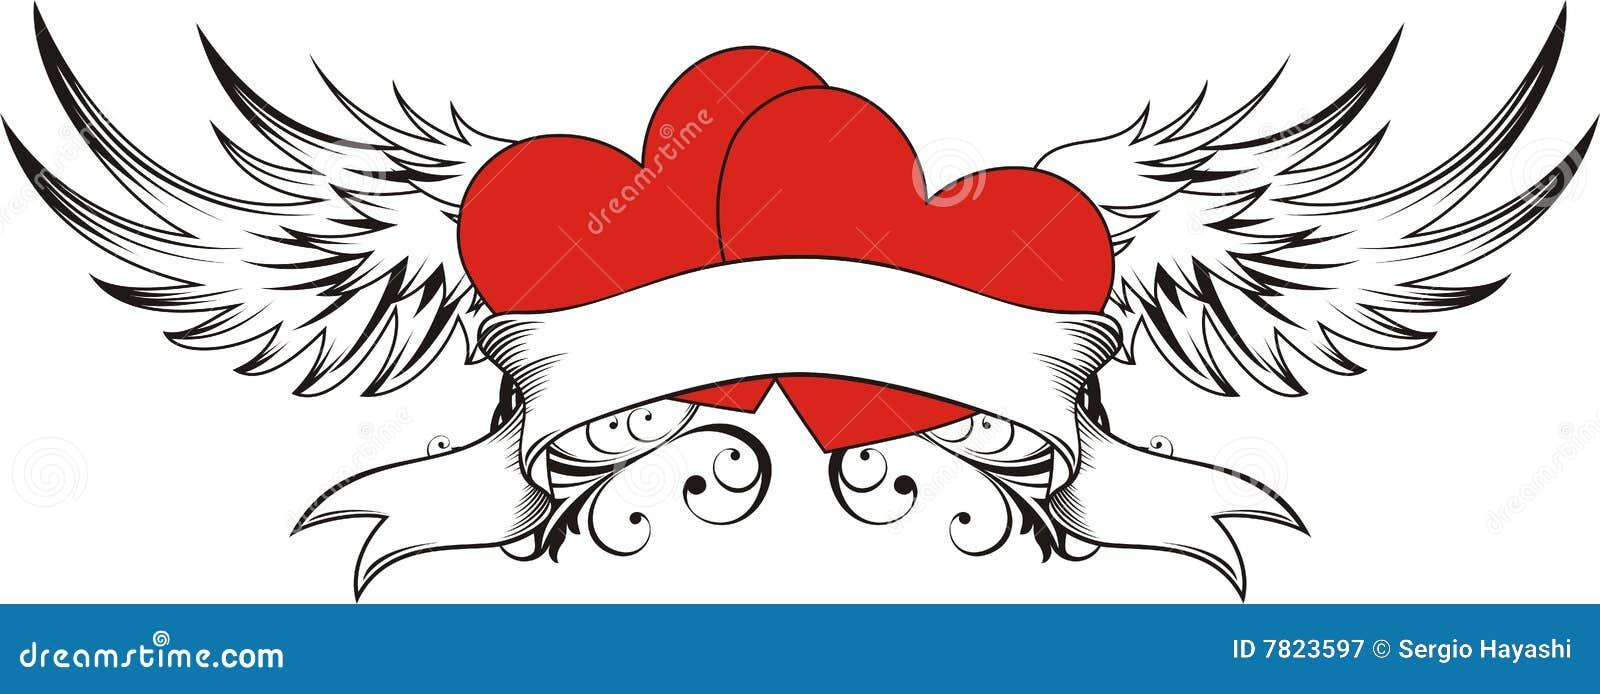 Tatouage d 39 amoureux de coeur illustration de vecteur illustration du amour ailes 7823597 - Coeur d amoureux ...